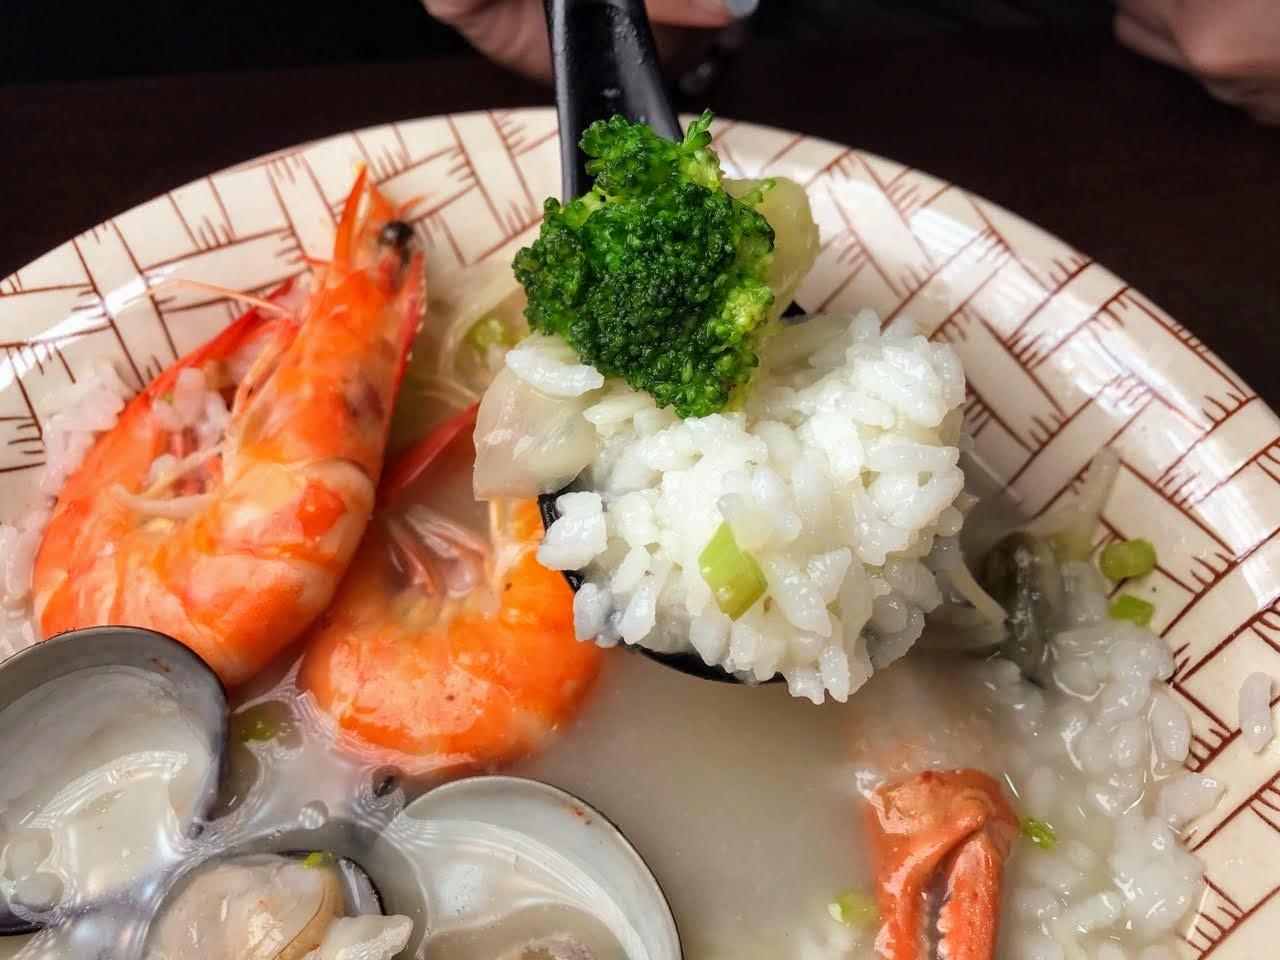 【台南|中西區】上豐富 海產粥|自選配料|一碗專屬於你的海產粥